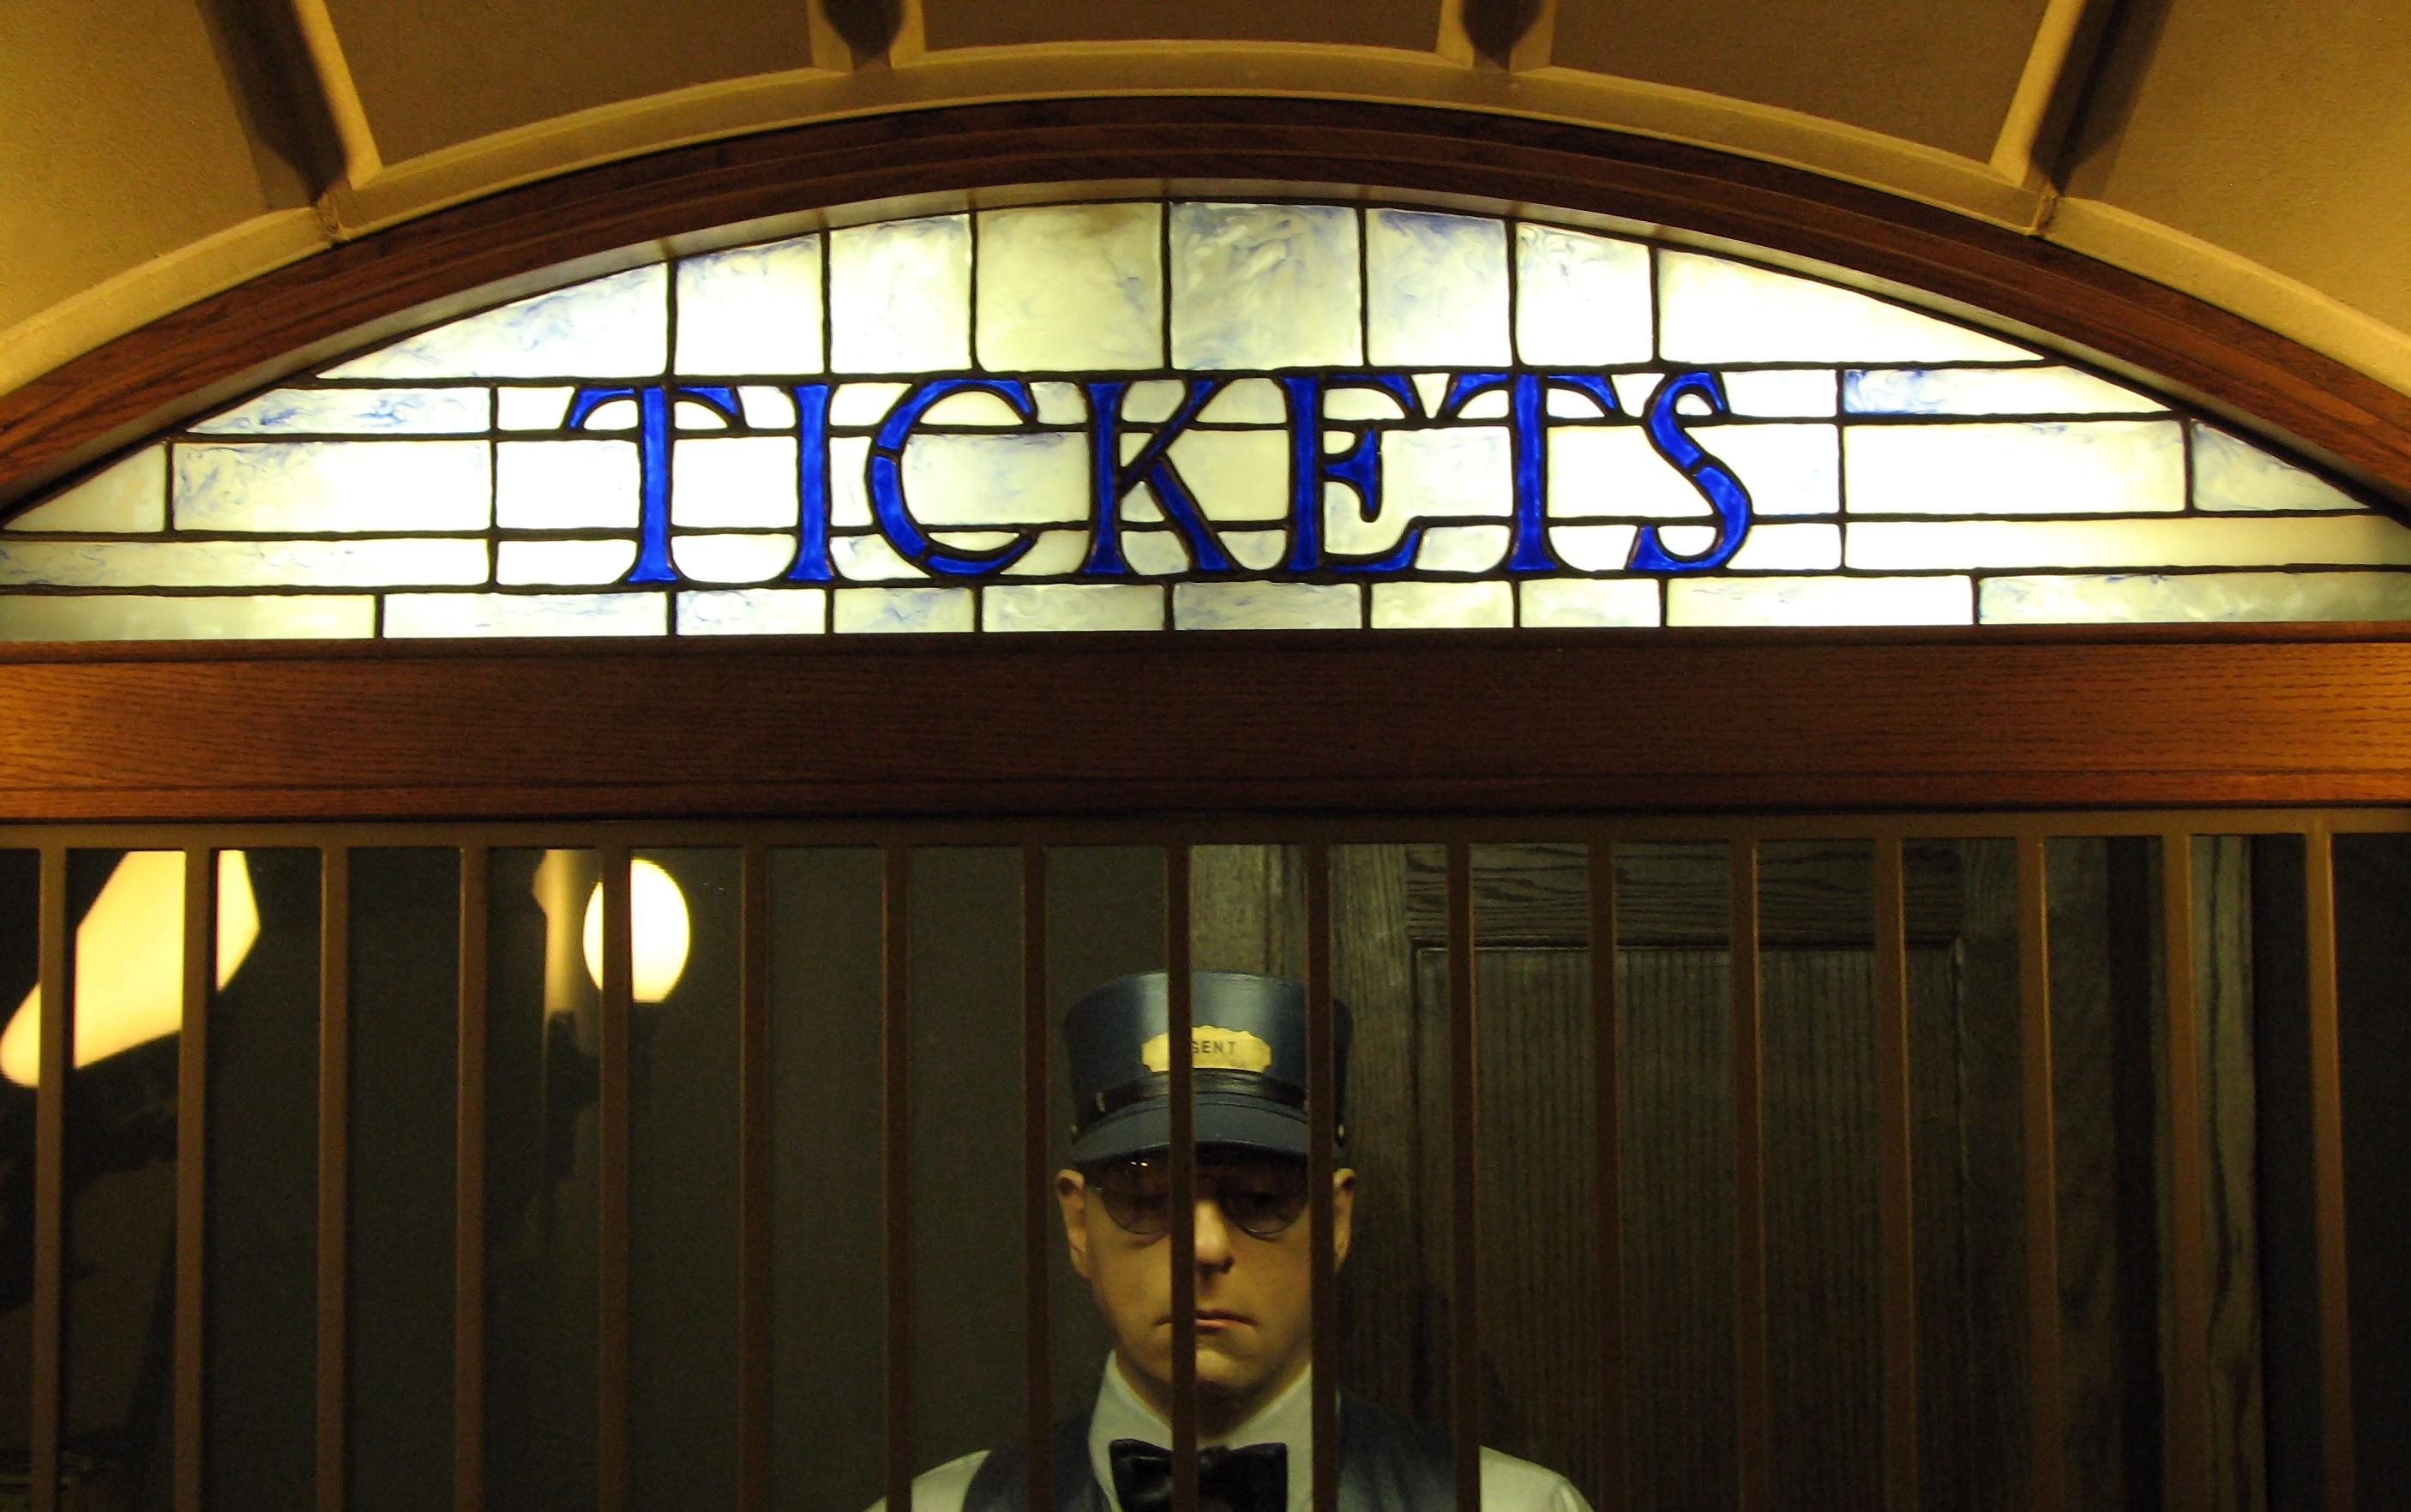 えきねっとで新幹線のチケットを購入する際の手順と操作方法について